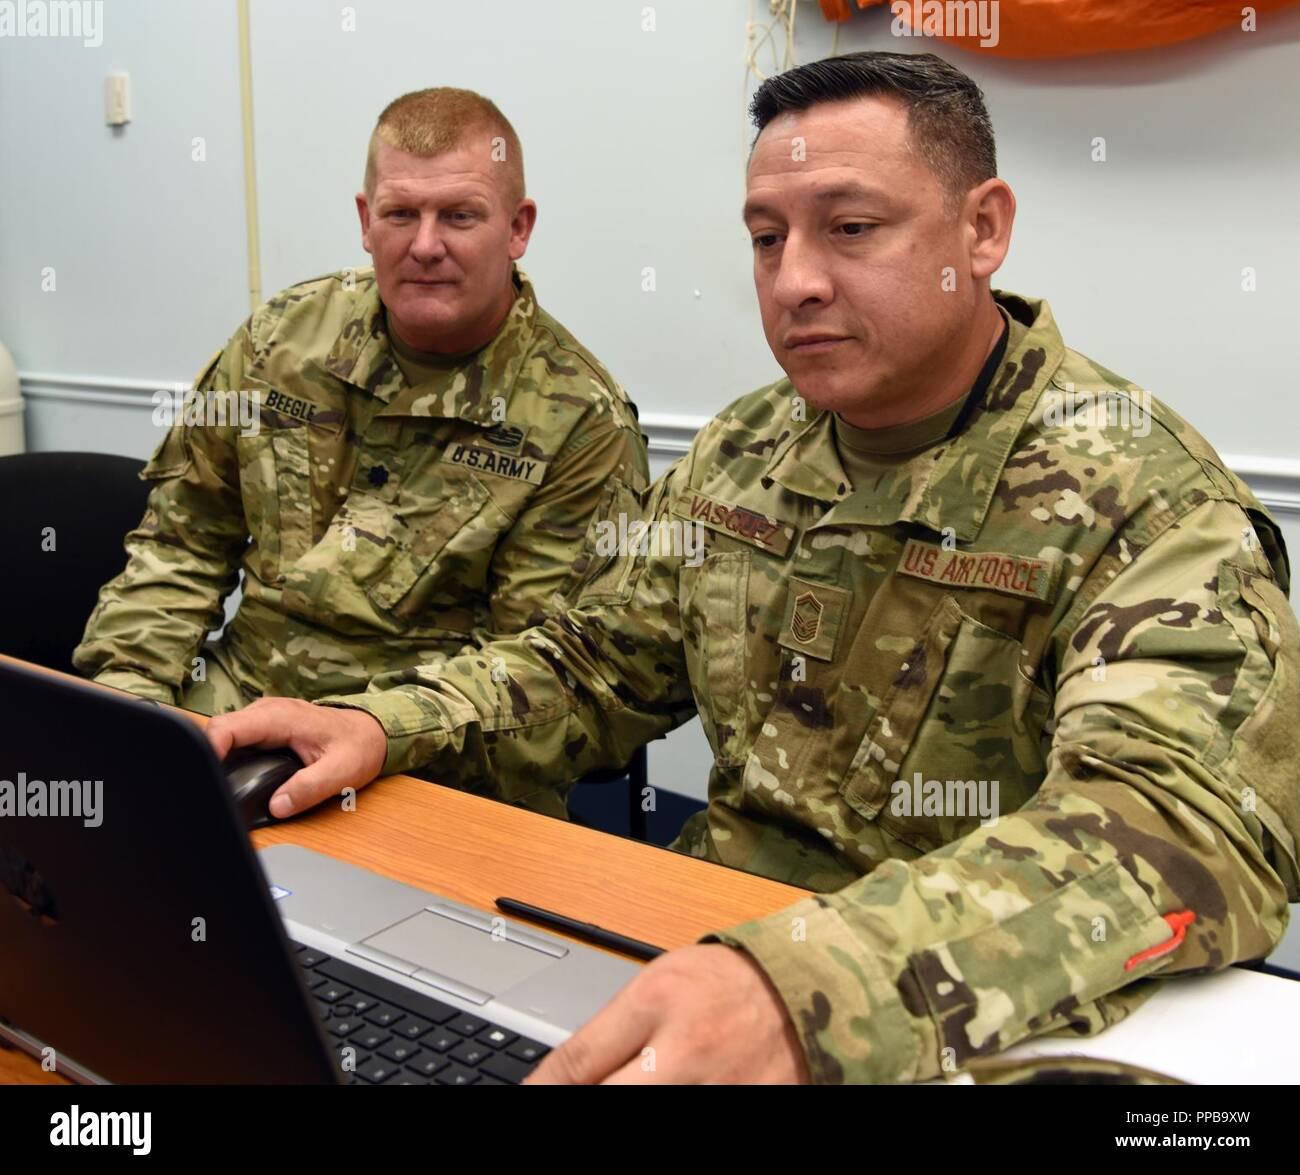 El Teniente Coronel del Ejército de EE.UU Zane Beegle, izquierda, personal de ejercicio (STAFFEX) 18-5 J-4 dirección de logística con el planificador de West Virginia, la Guardia Nacional del Ejército y la Fuerza Aérea de los EE.UU. Master Senior Sgt. Andy Vasquez, Noveno J-4 de la Fuerza Aérea planner, revise los requerimientos de logística para el ejercicio escenario, el 14 de agosto de 2018, la base de la fuerza aérea Shaw, S.C. El J-4 dirección está encargado de formar Planes de logística y servicios, que incluyen la coordinación y supervisión del suministro, las operaciones de mantenimiento, implementación y distribución, ingeniería, servicios de salud, anticonceptivos orales, servicio de alimentos, y otros logístico necesario operativamente sup Foto de stock